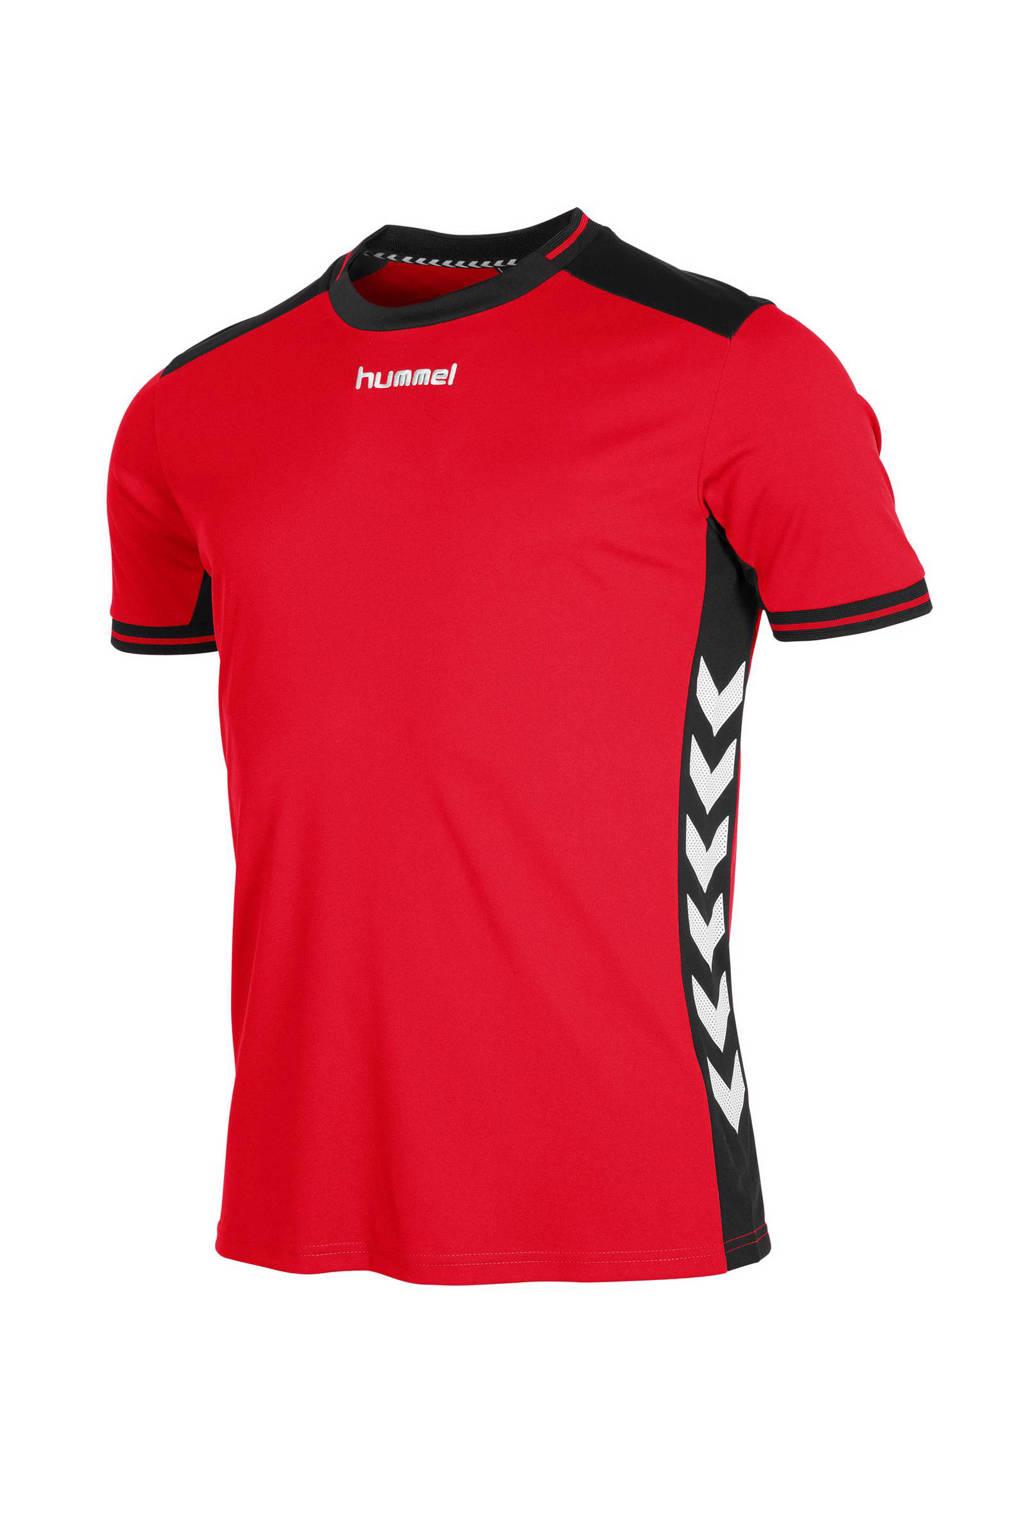 hummel   sport T-shirt, Rood/zwart